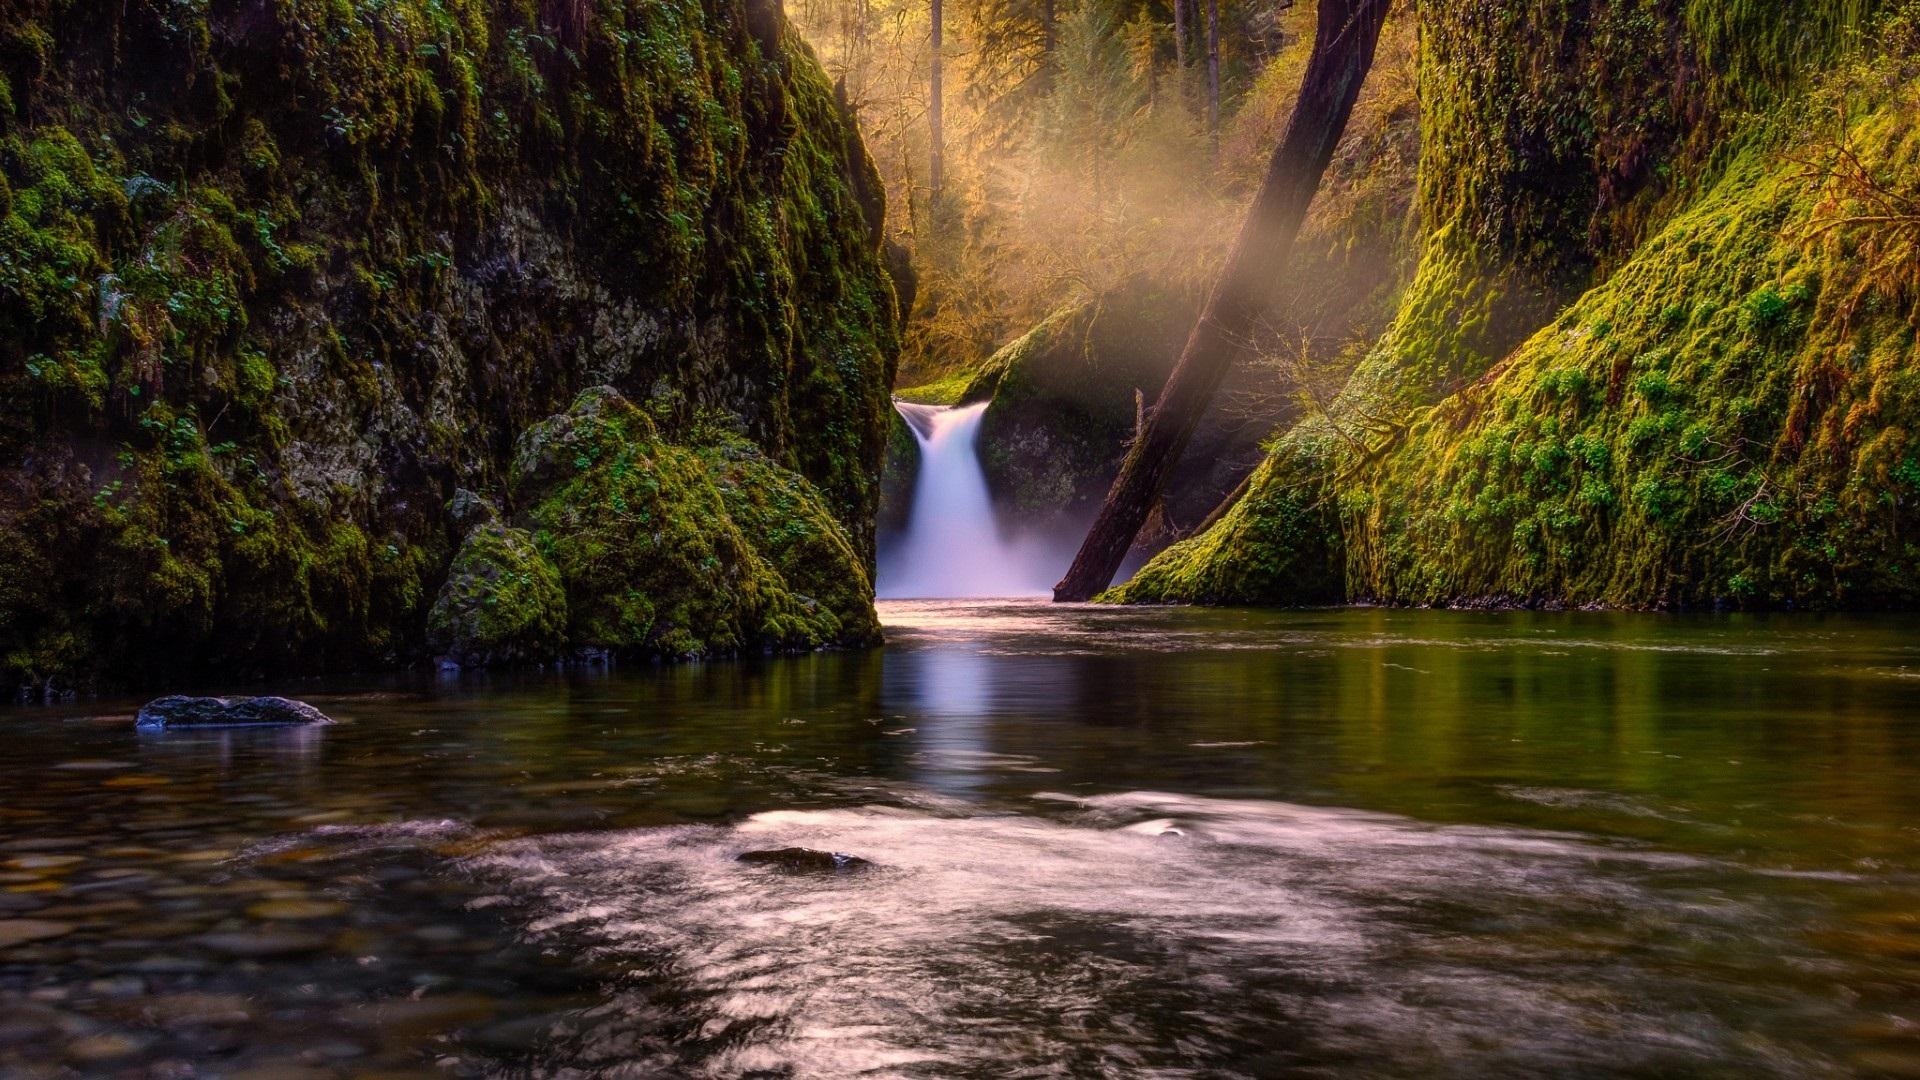 بالصور صور عن الطبيعة , مناظر طبيعيه خلابه 4410 27